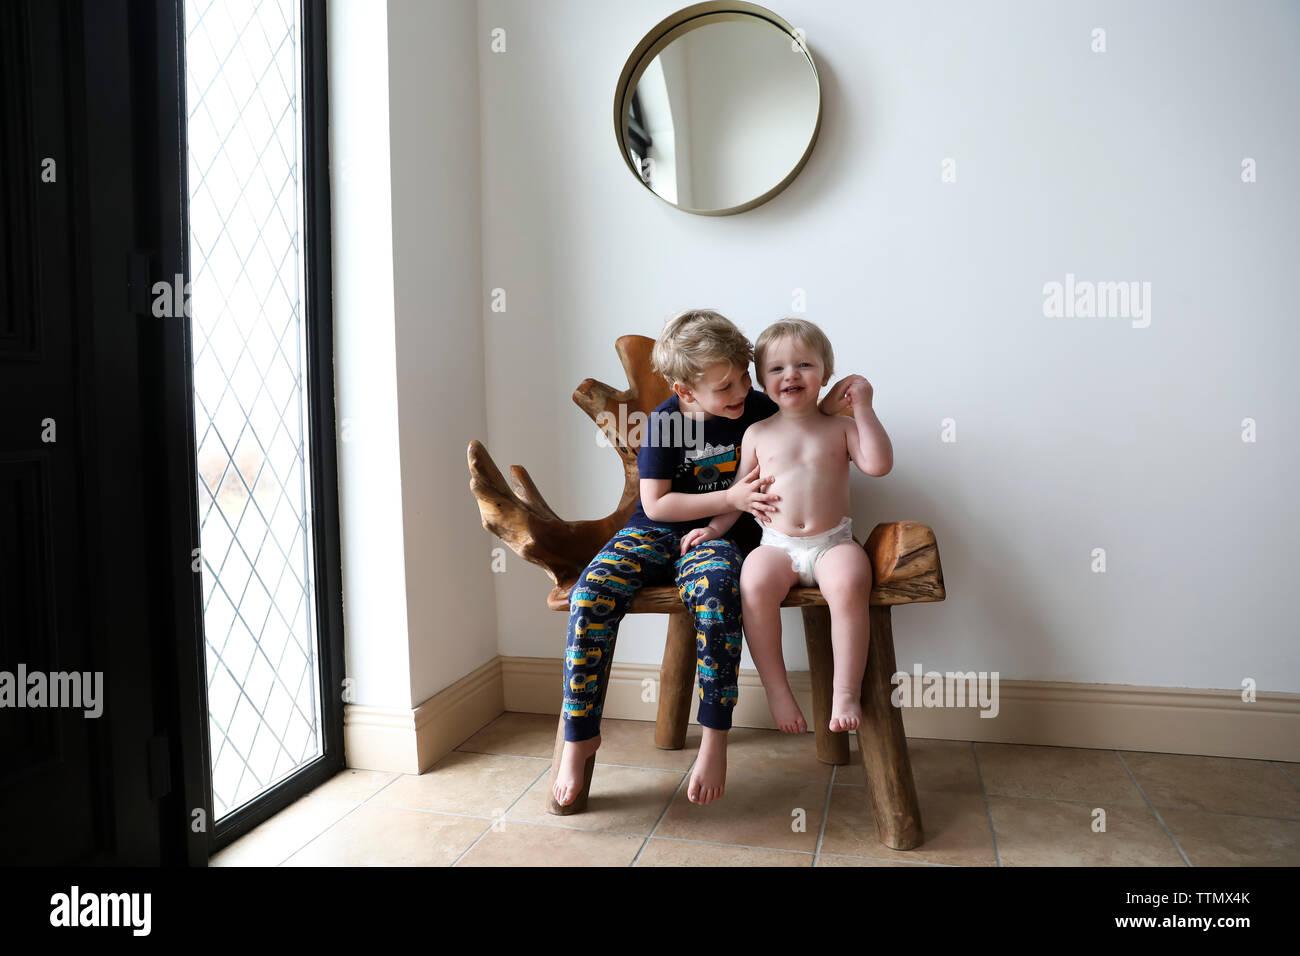 Heureux Frères Hug, assis sur banc en bois organiques à l'intérieur Banque D'Images